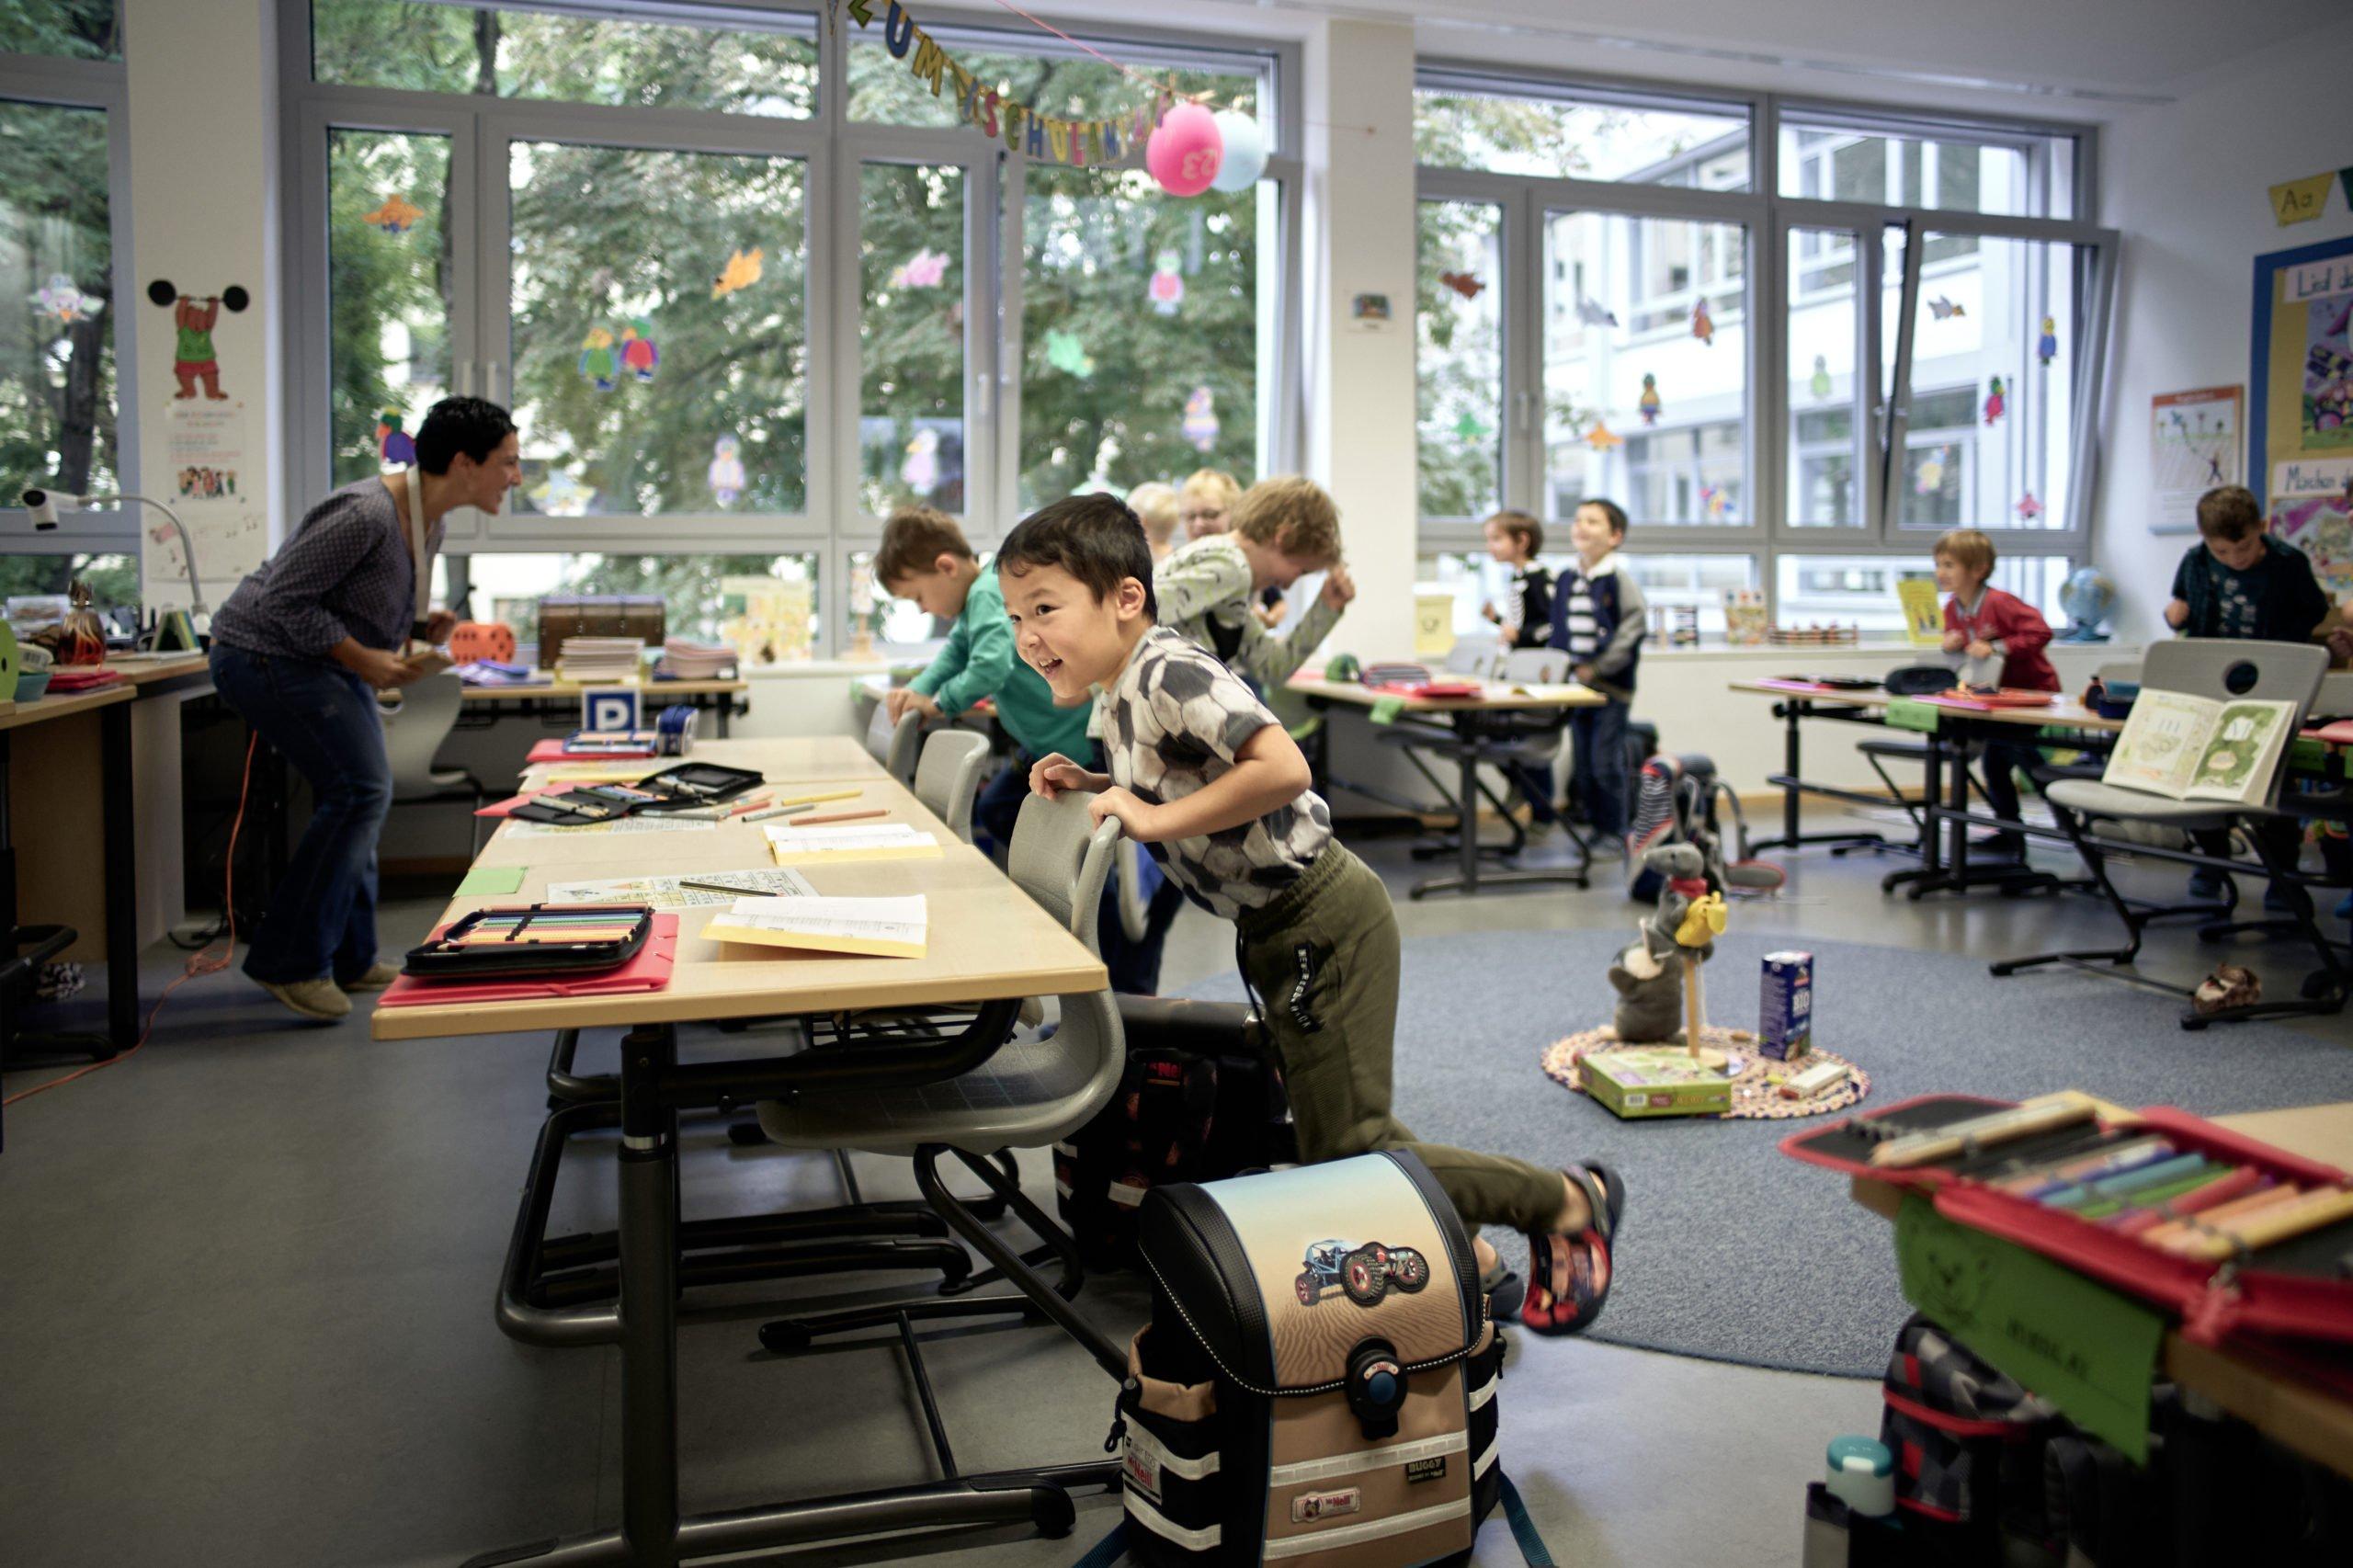 Regensburgs singende Grundschule